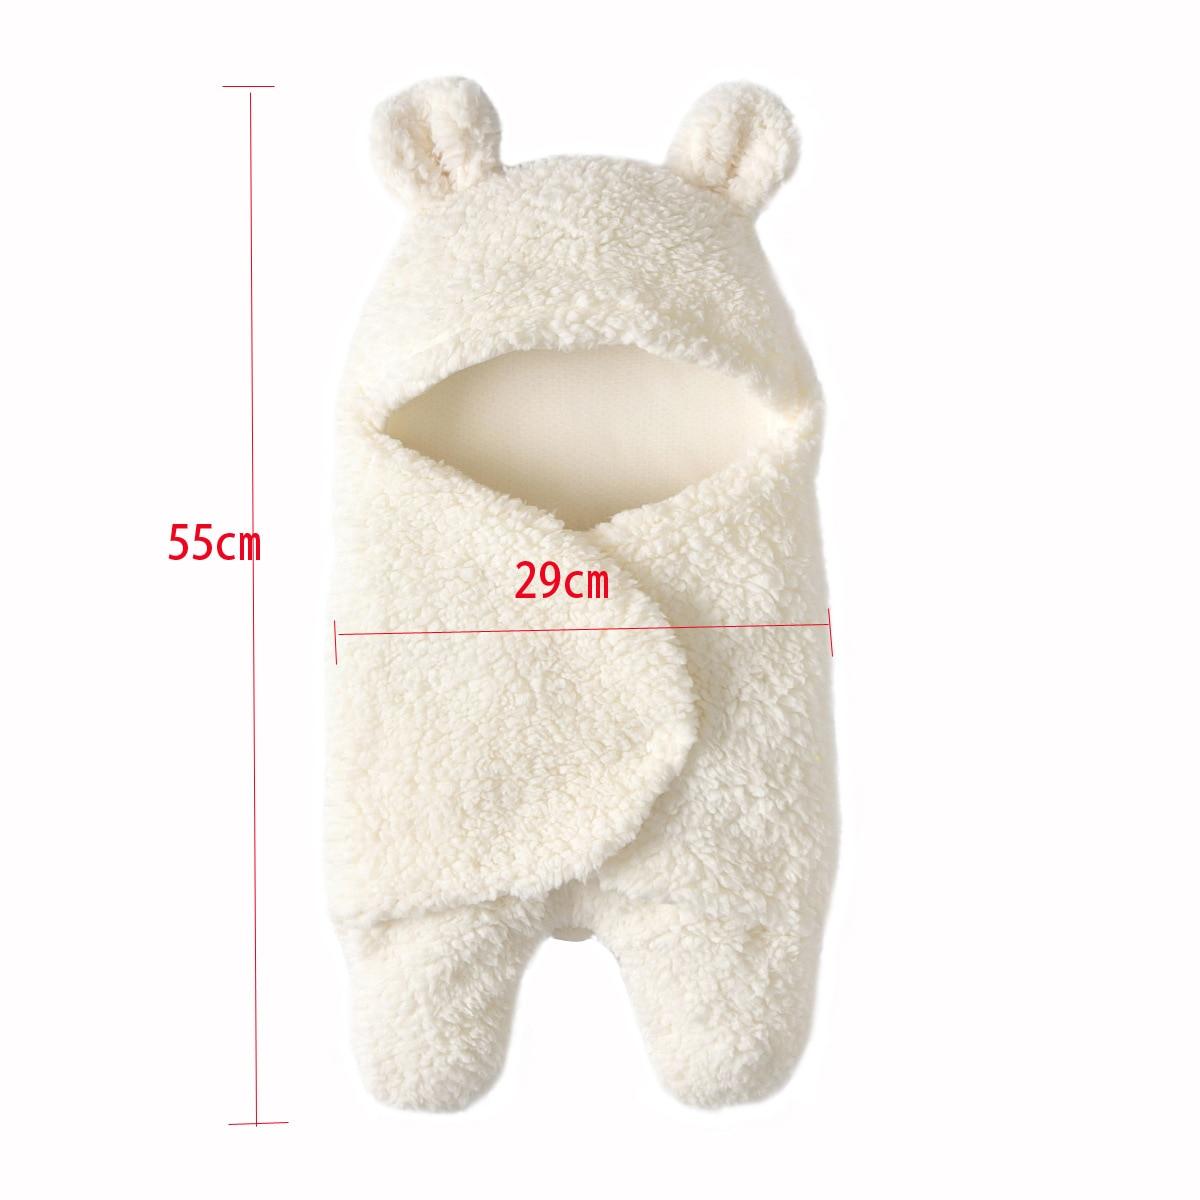 Couverture pour bébé nouveau-né lange d'emmaillotage literie d'hiver douce couverture de réception Manta Bebes sac de couchage GH474